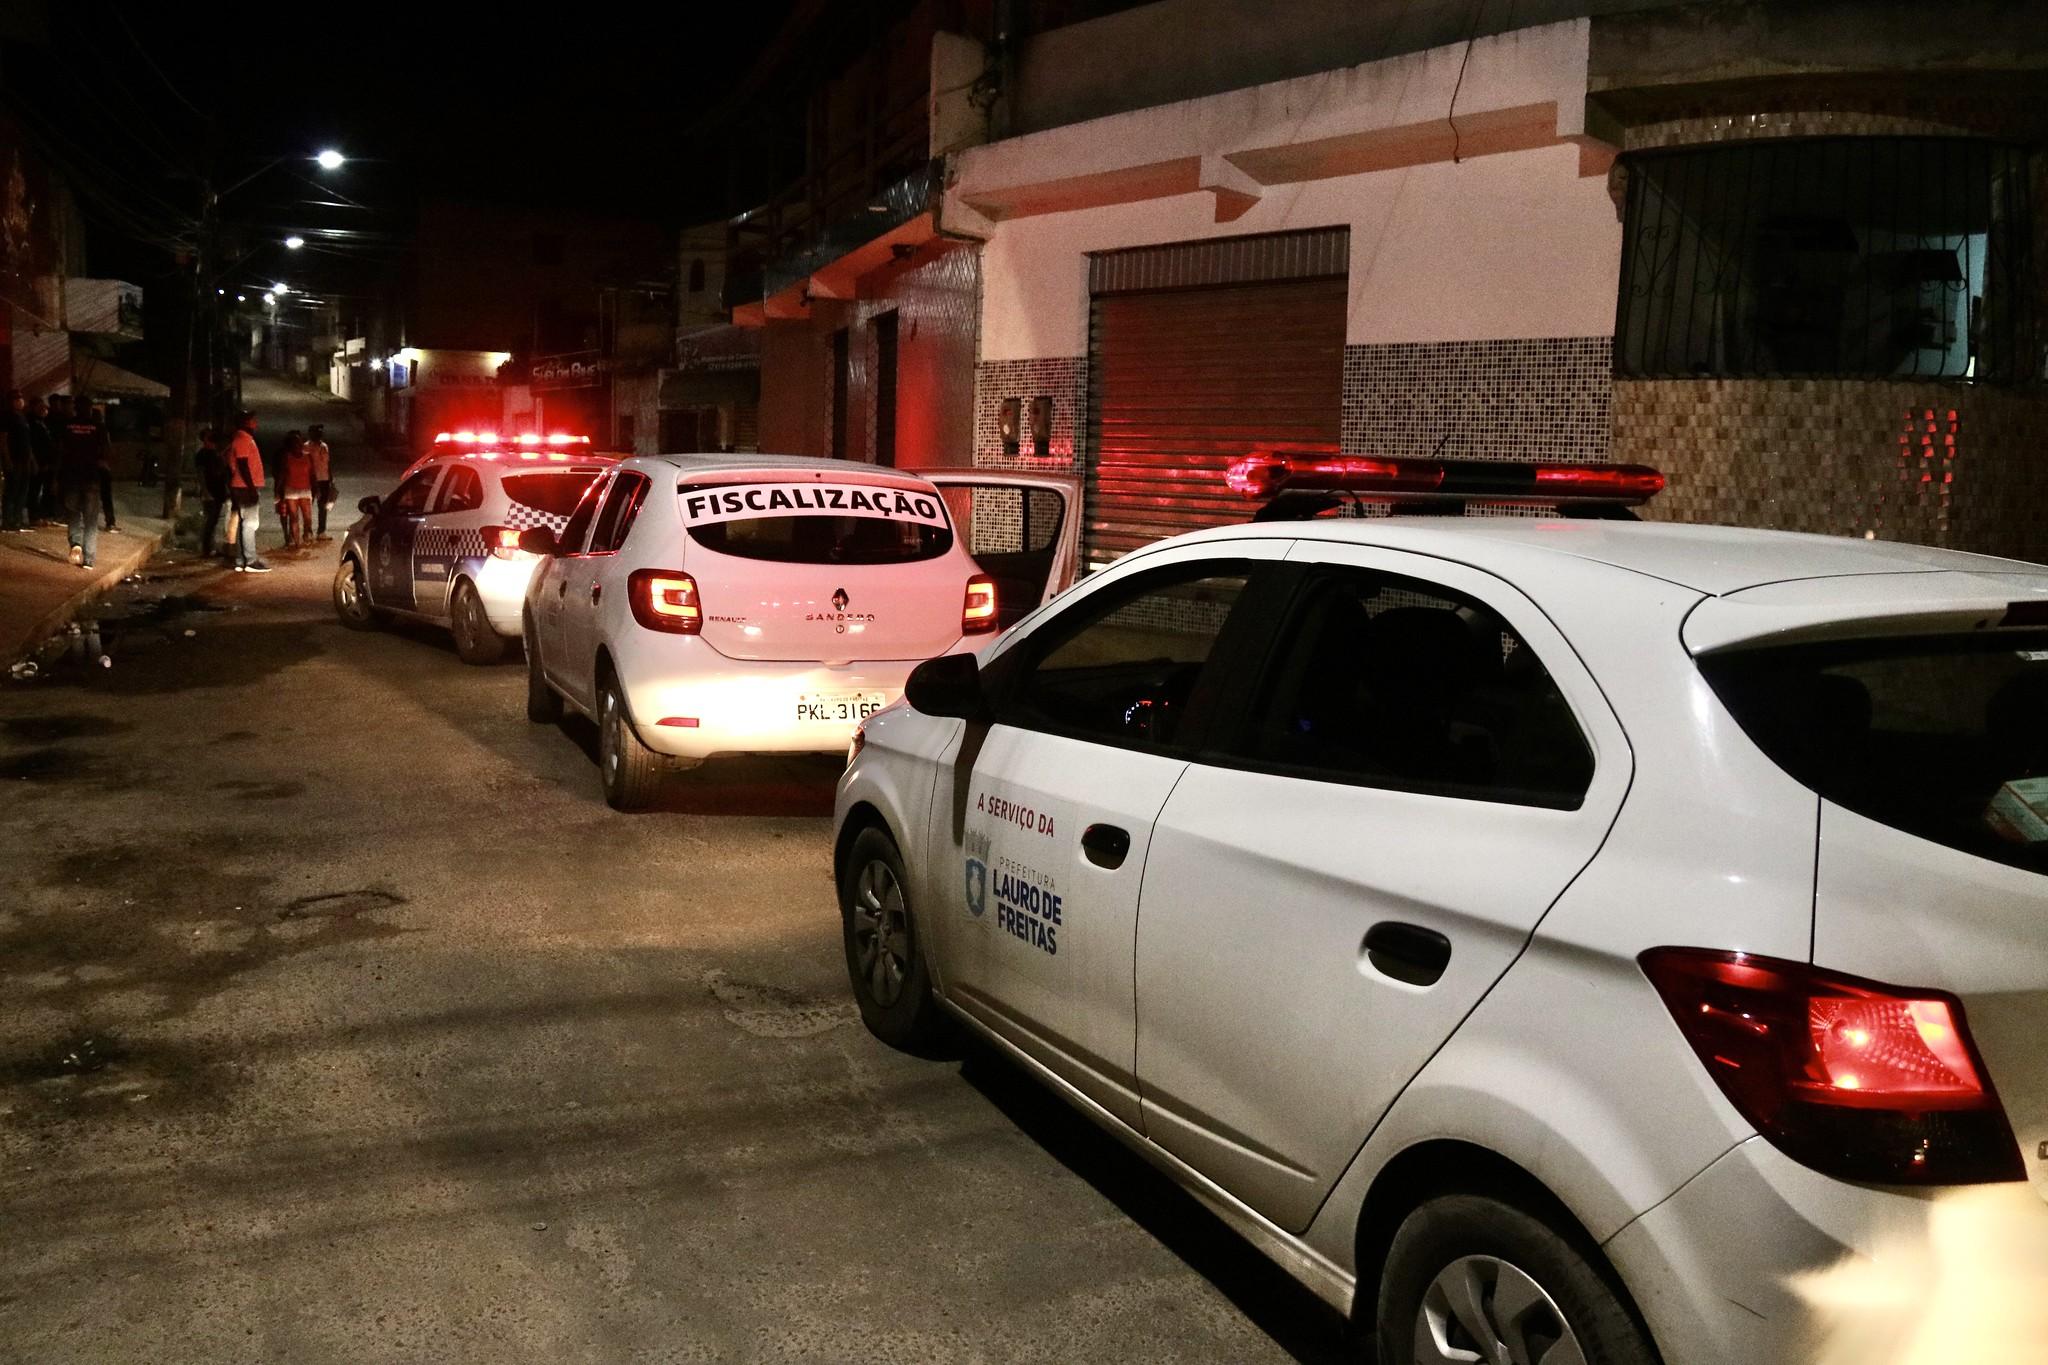 Toque de recolher é suspenso em Lauro de Freitas. Academias, restaurantes, entre outros podem funcionar até às 23h; veja detalhes